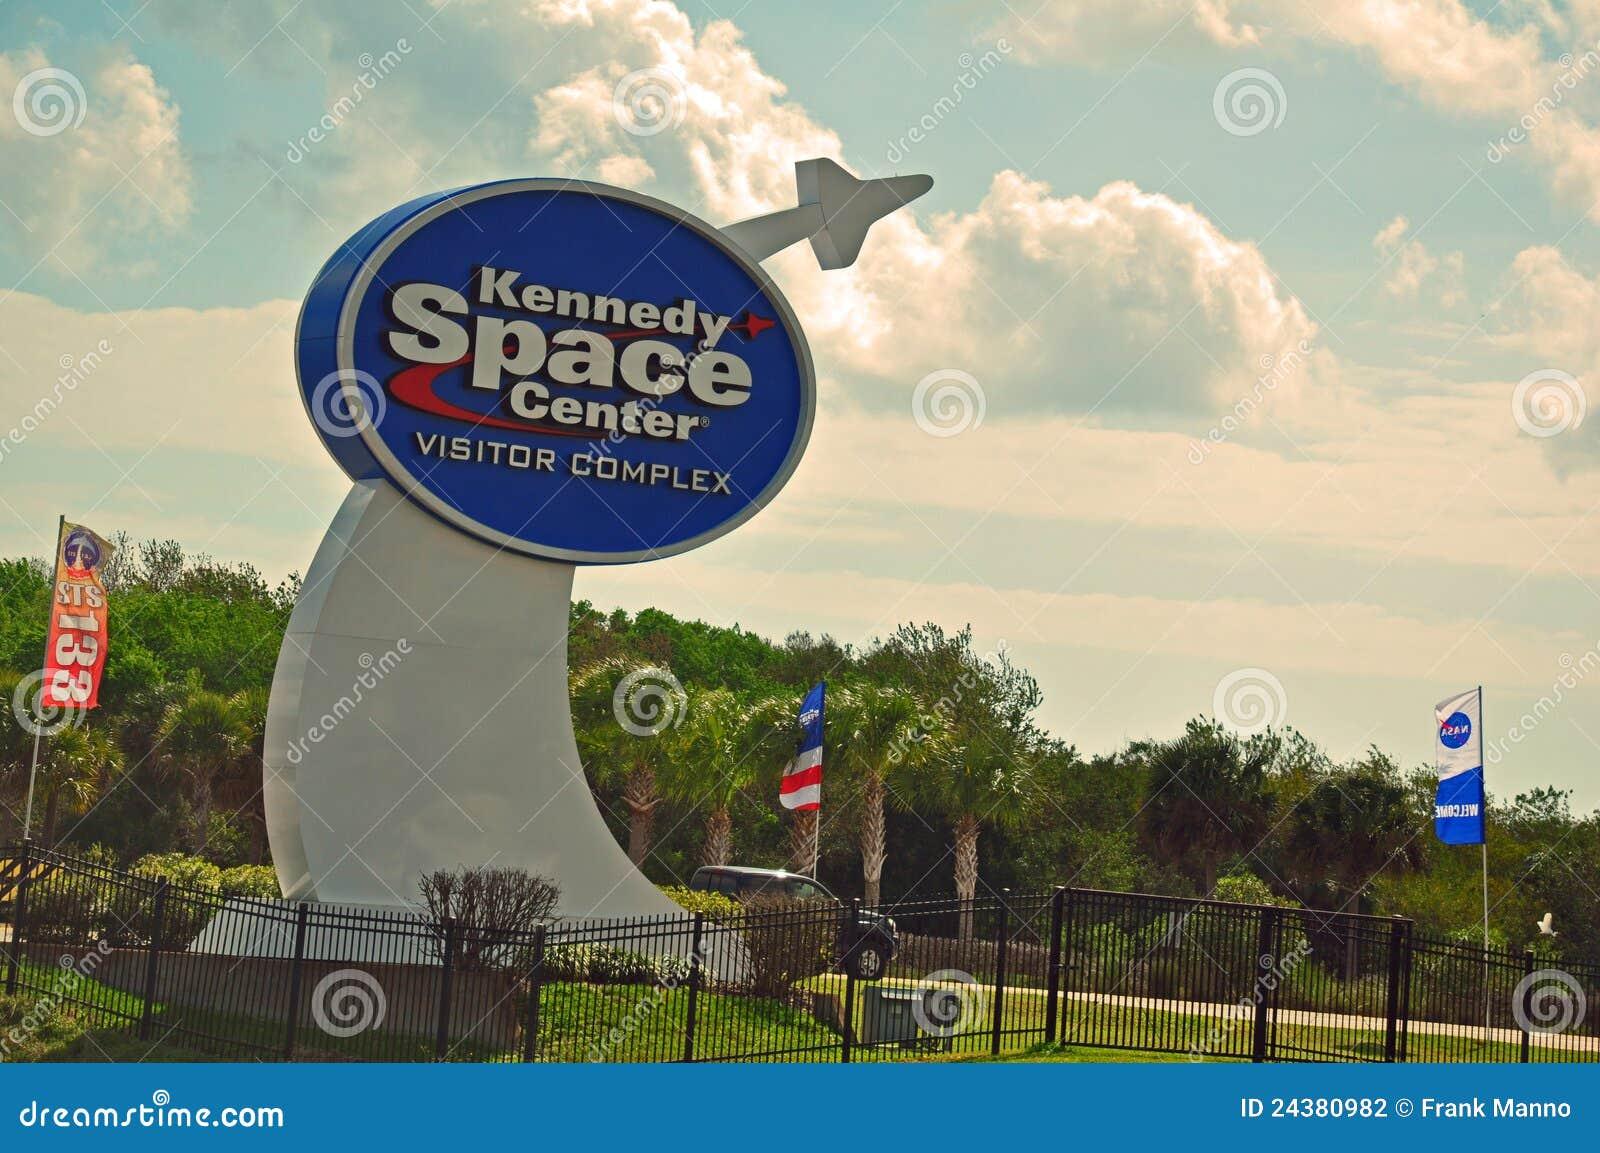 中心复杂肯尼迪空间访客